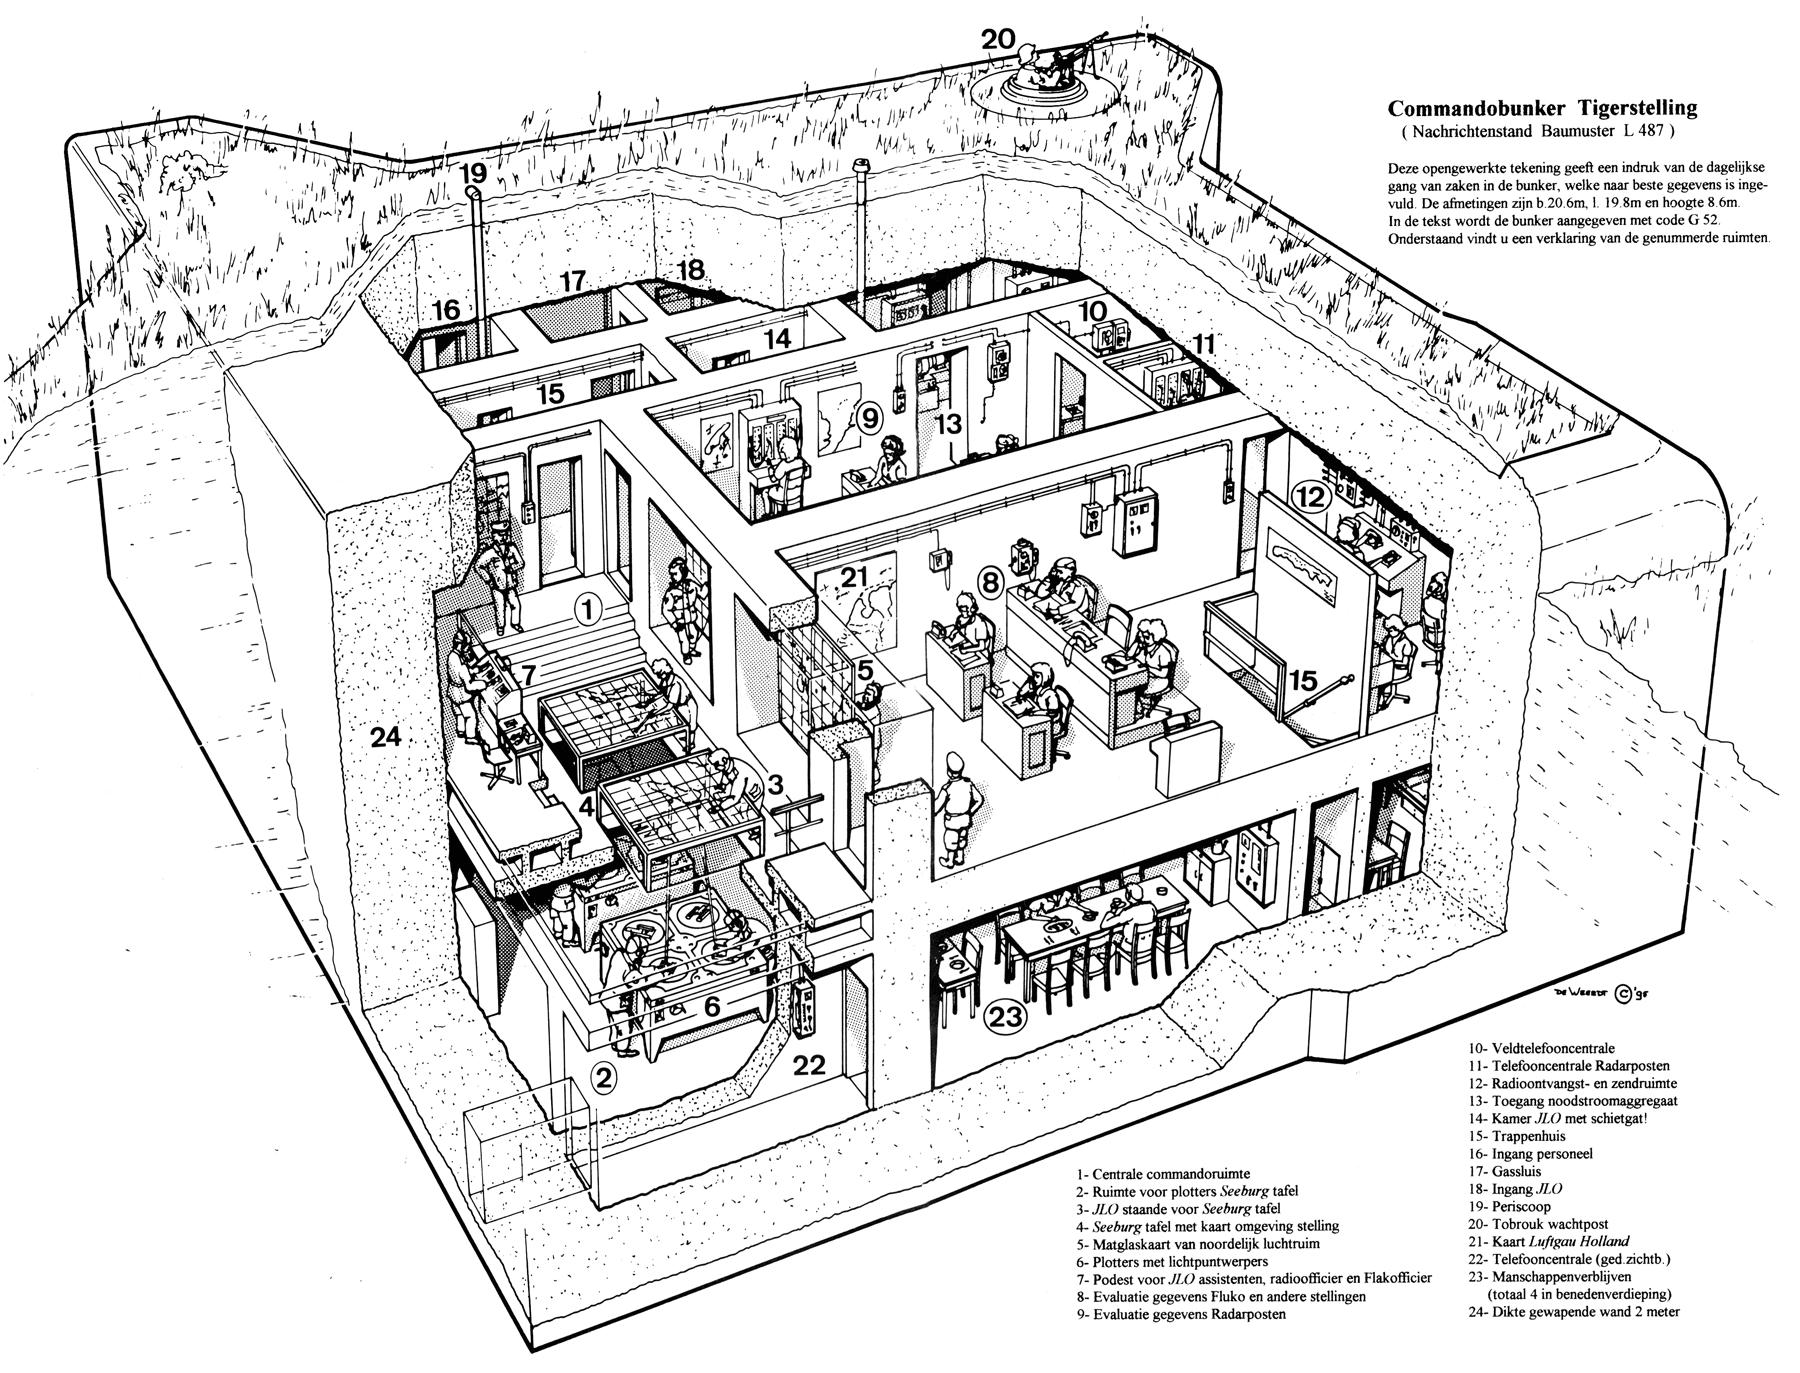 """Commandobunker Tigerstelling ( Nachrichtenstand Baumuster L 487 ) Illustratie: De Weerdt """"95 uit Terschelling en zijn rol in de Luchtoorlog"""